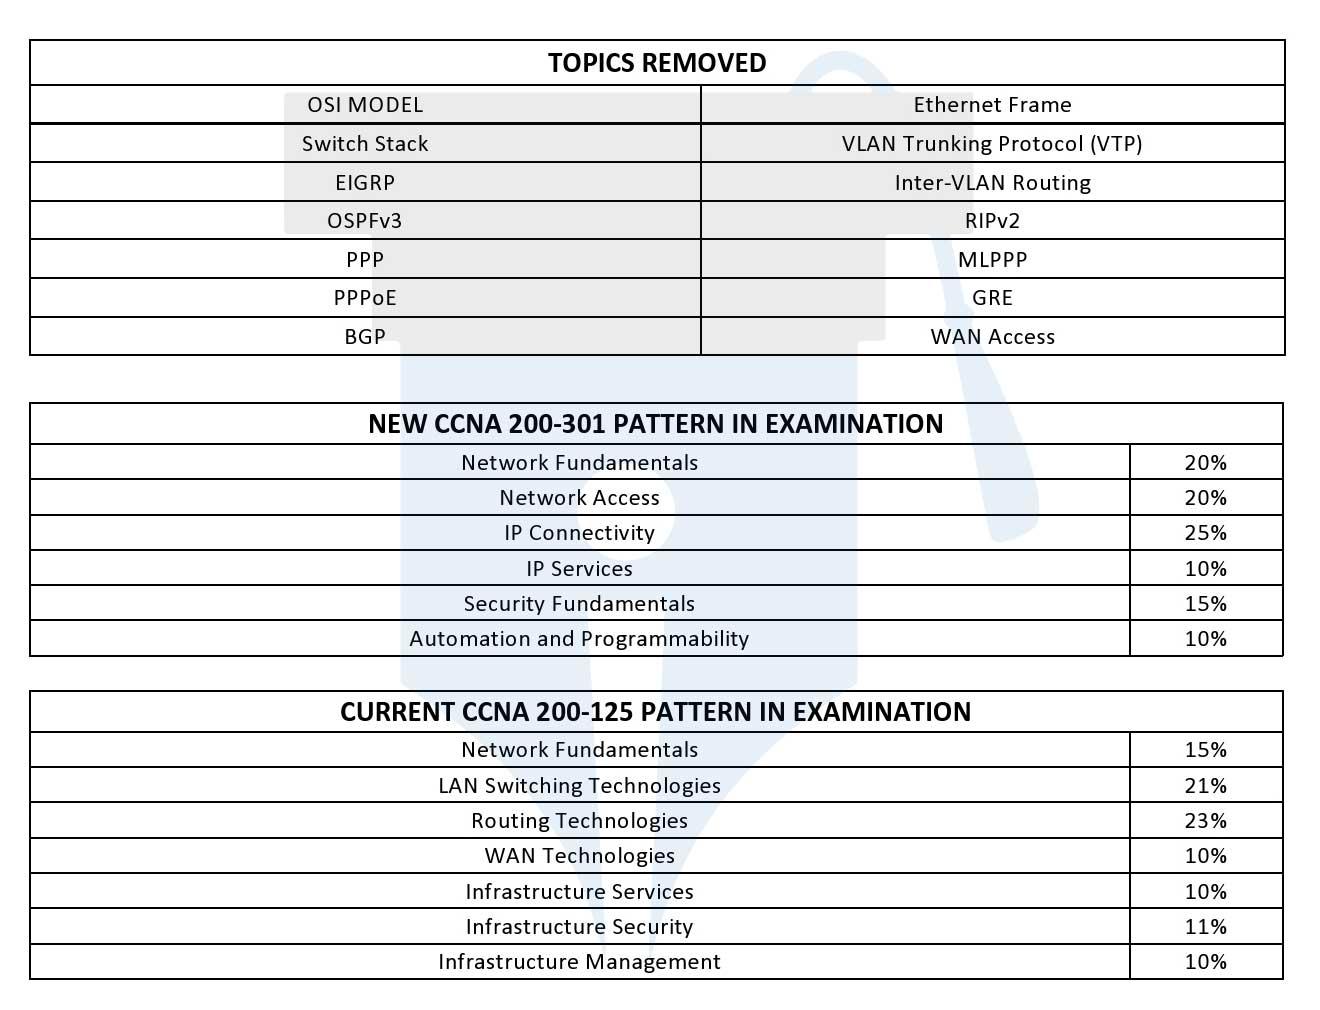 new ccna 200-301 exam topics